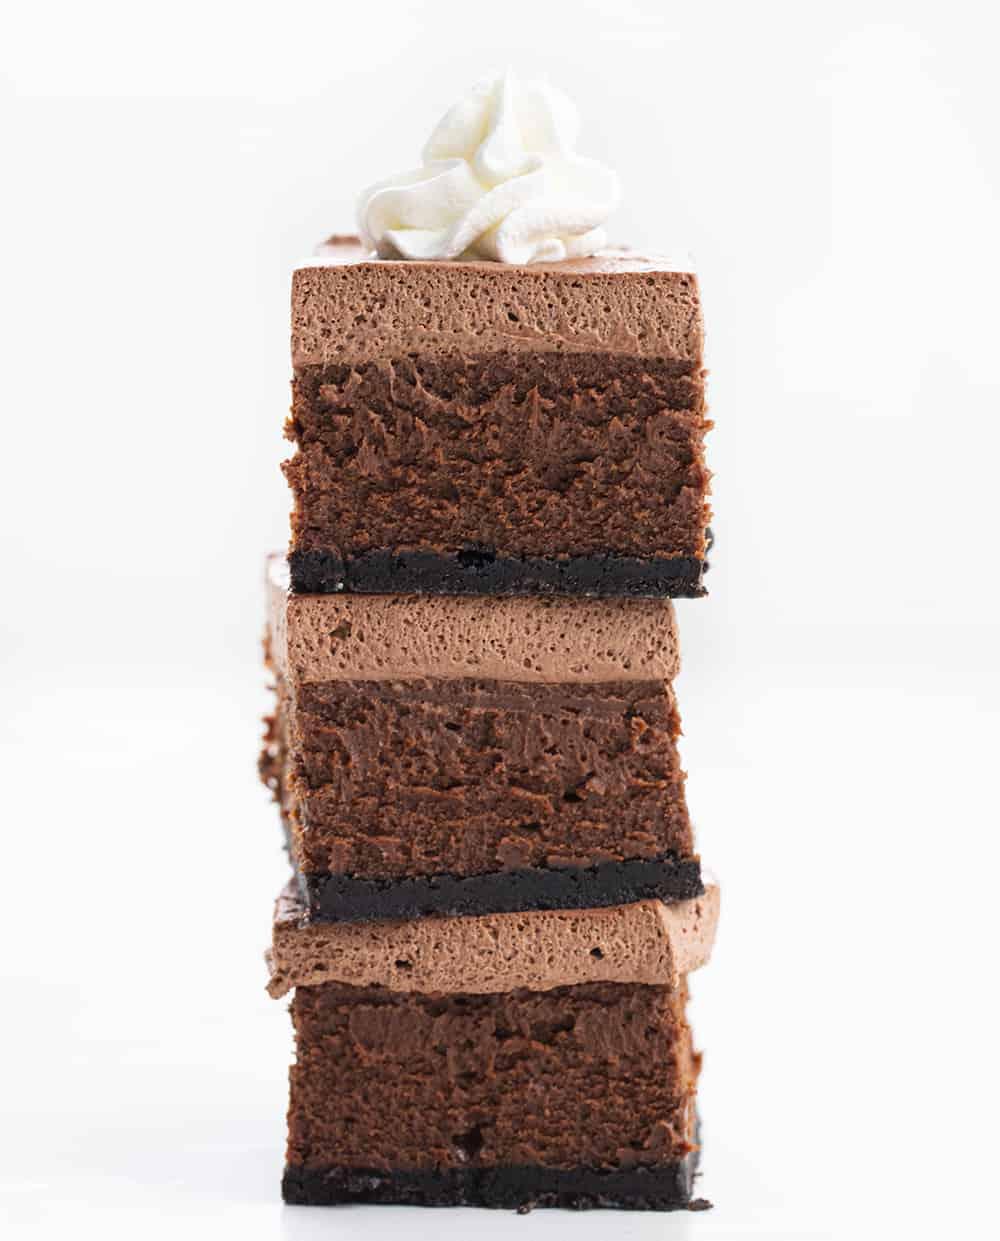 Stacked Chocolate Cheesecake Bars